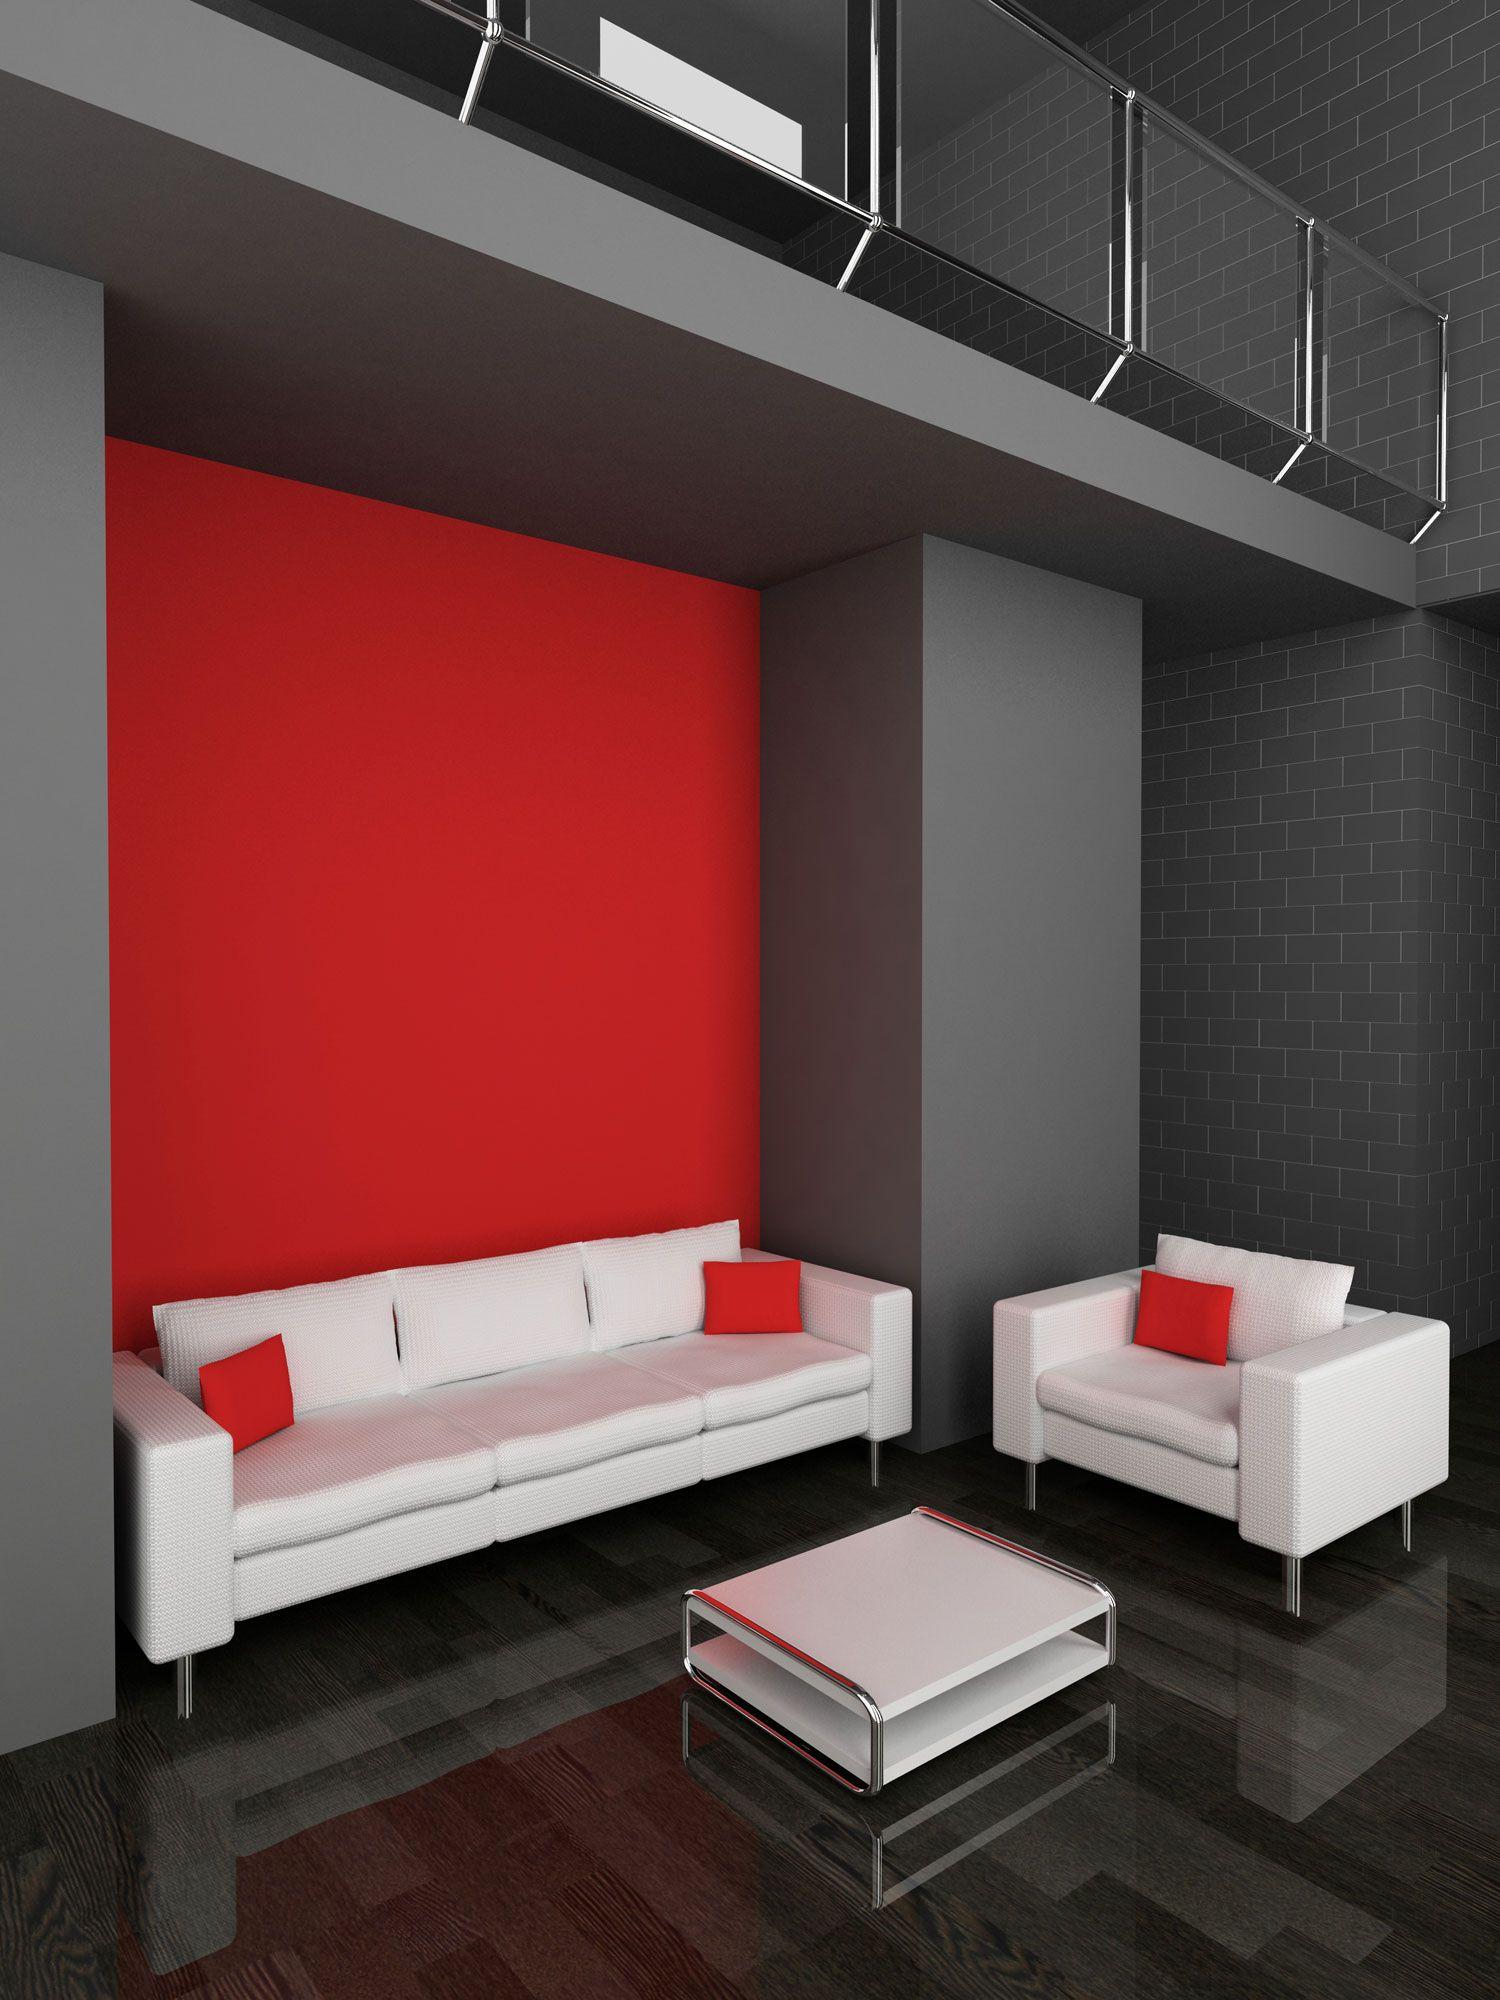 Decorar salón en rojo, negro y gris en 2019 | Home decor | Pinterest ...